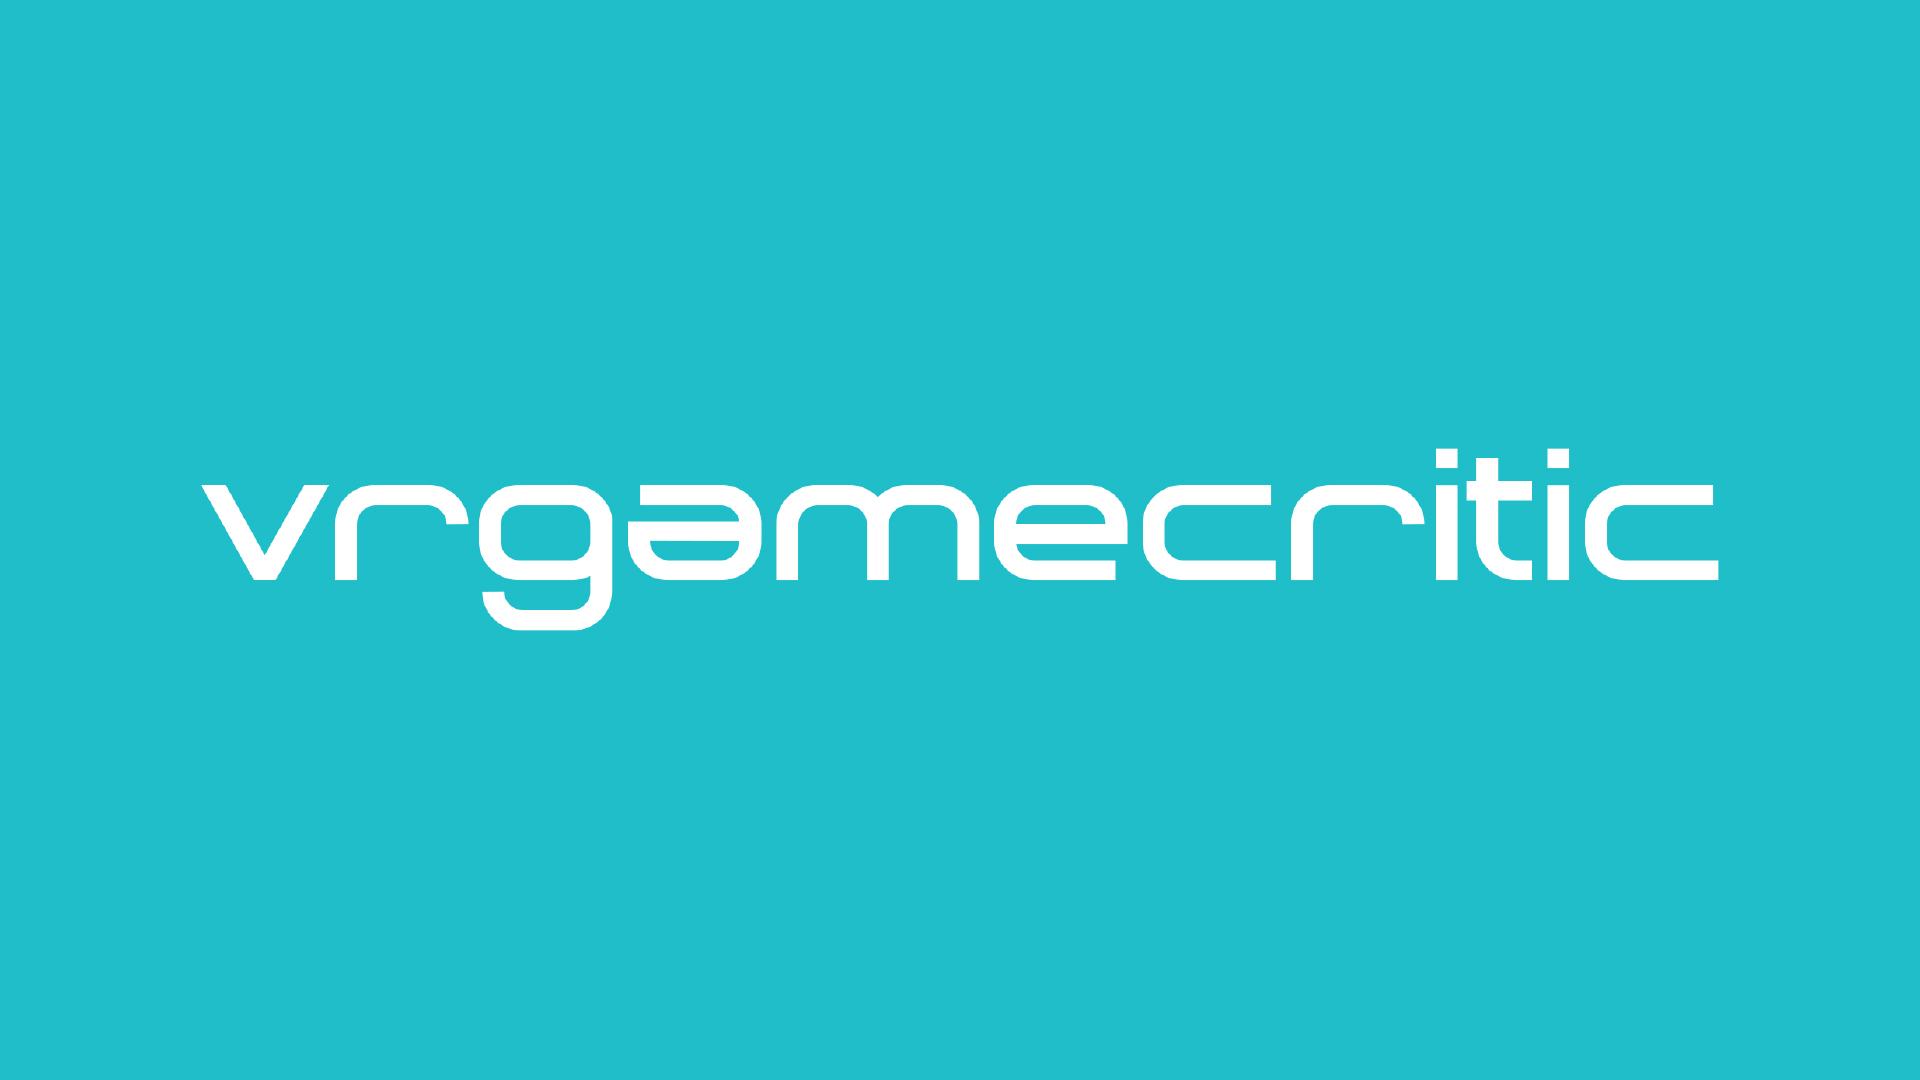 VRgamecritic-logo